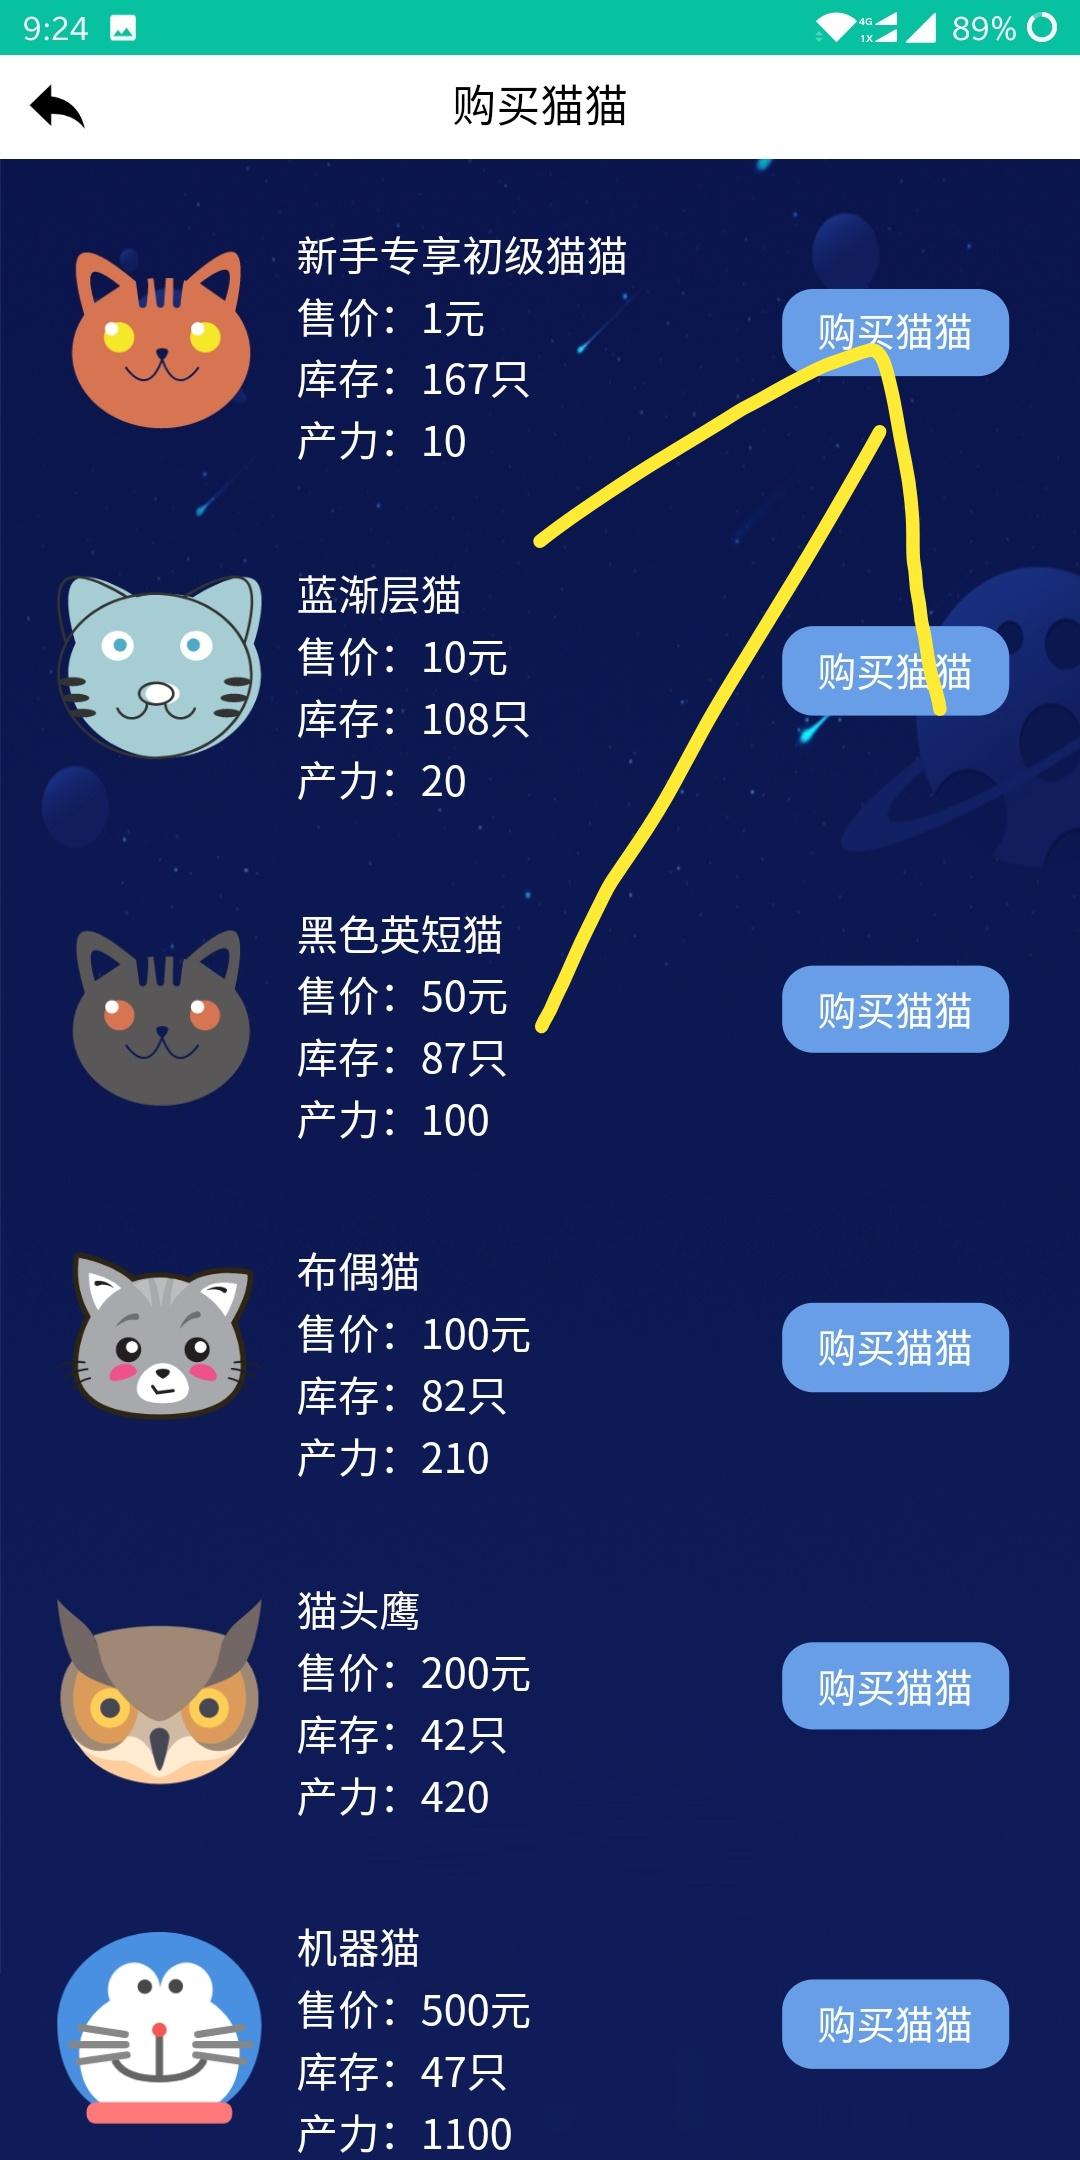 任性猫:注册送初级猫每天分红0.4元,首次满0.3元可提现